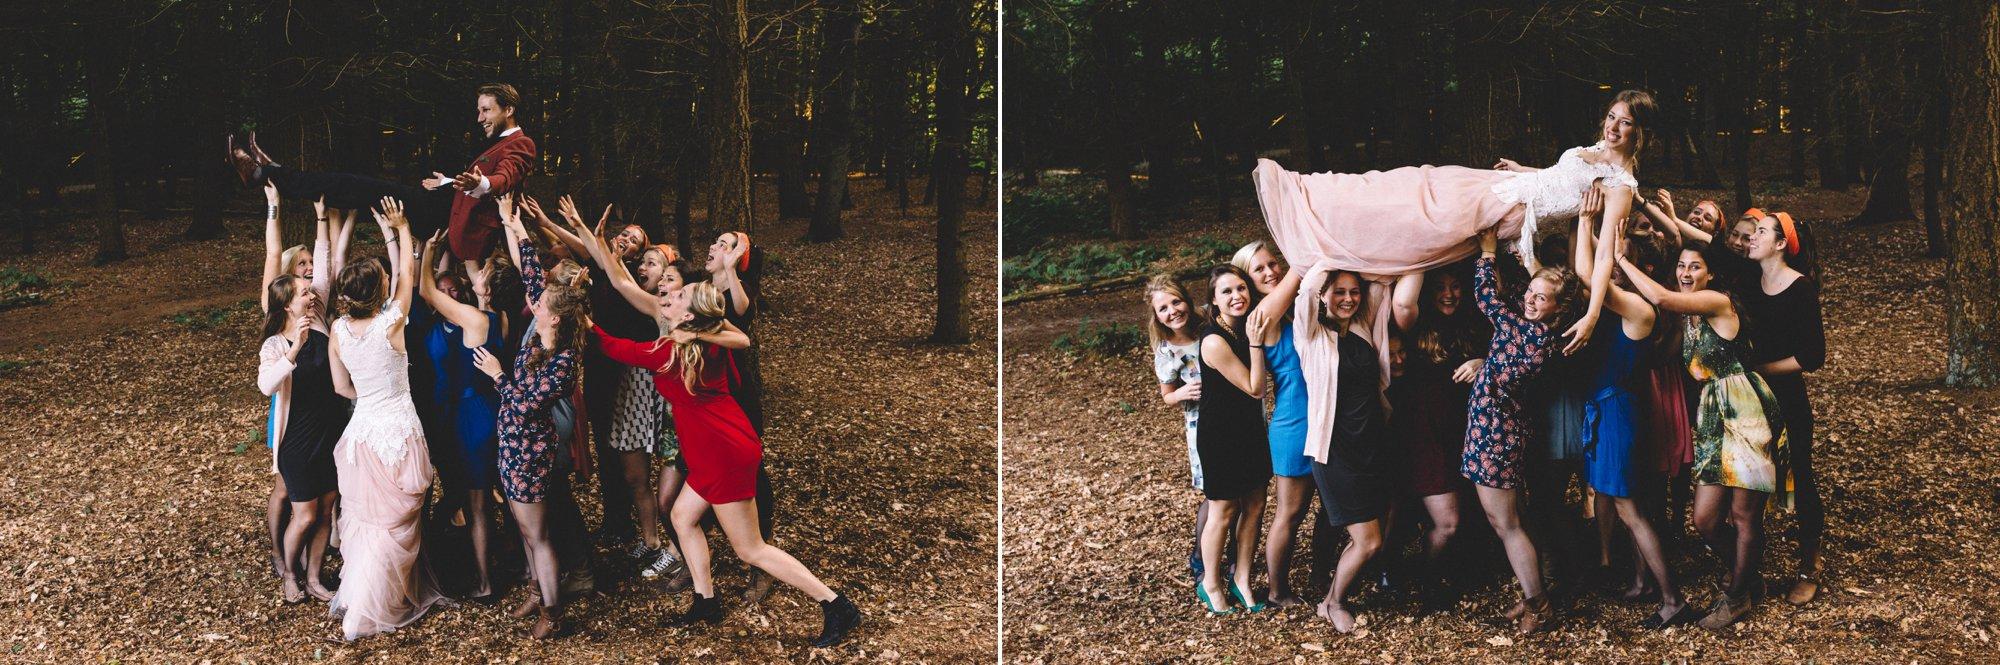 Bohemian bruiloft - trouwen in het bos- Arjen en Paulien_0054.jpg